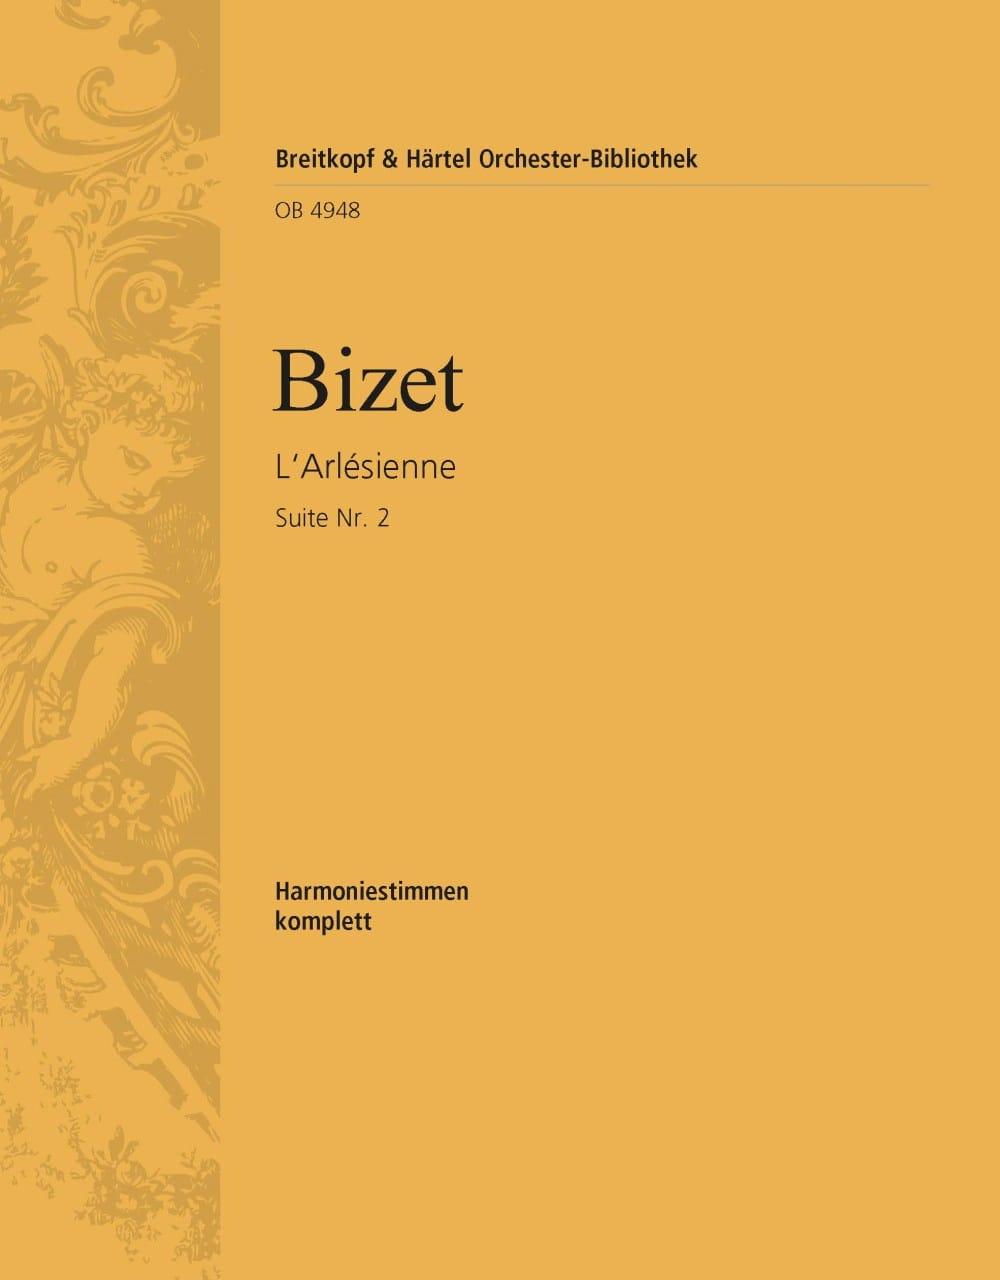 L'Arlesienne-Suite, Nr. 2 - BIZET - Partition - laflutedepan.com